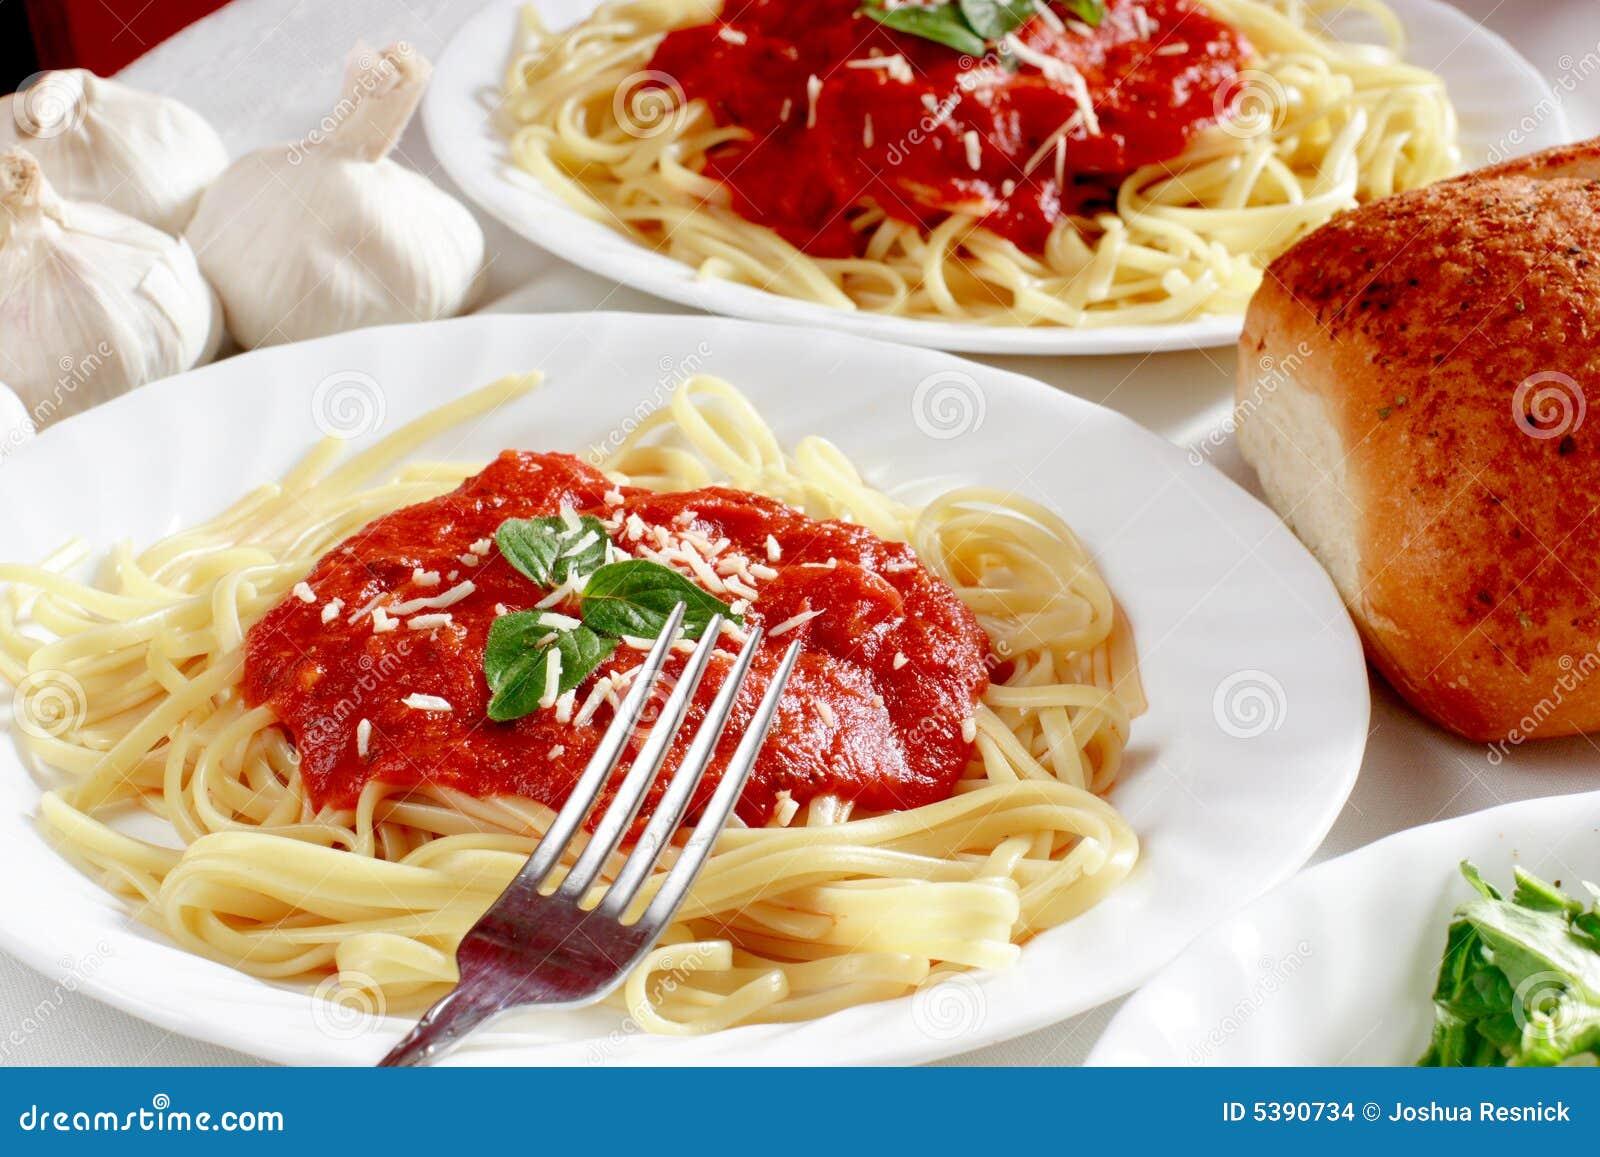 Italian spaghetti dinner stock photo image of loaf for Italian dinner